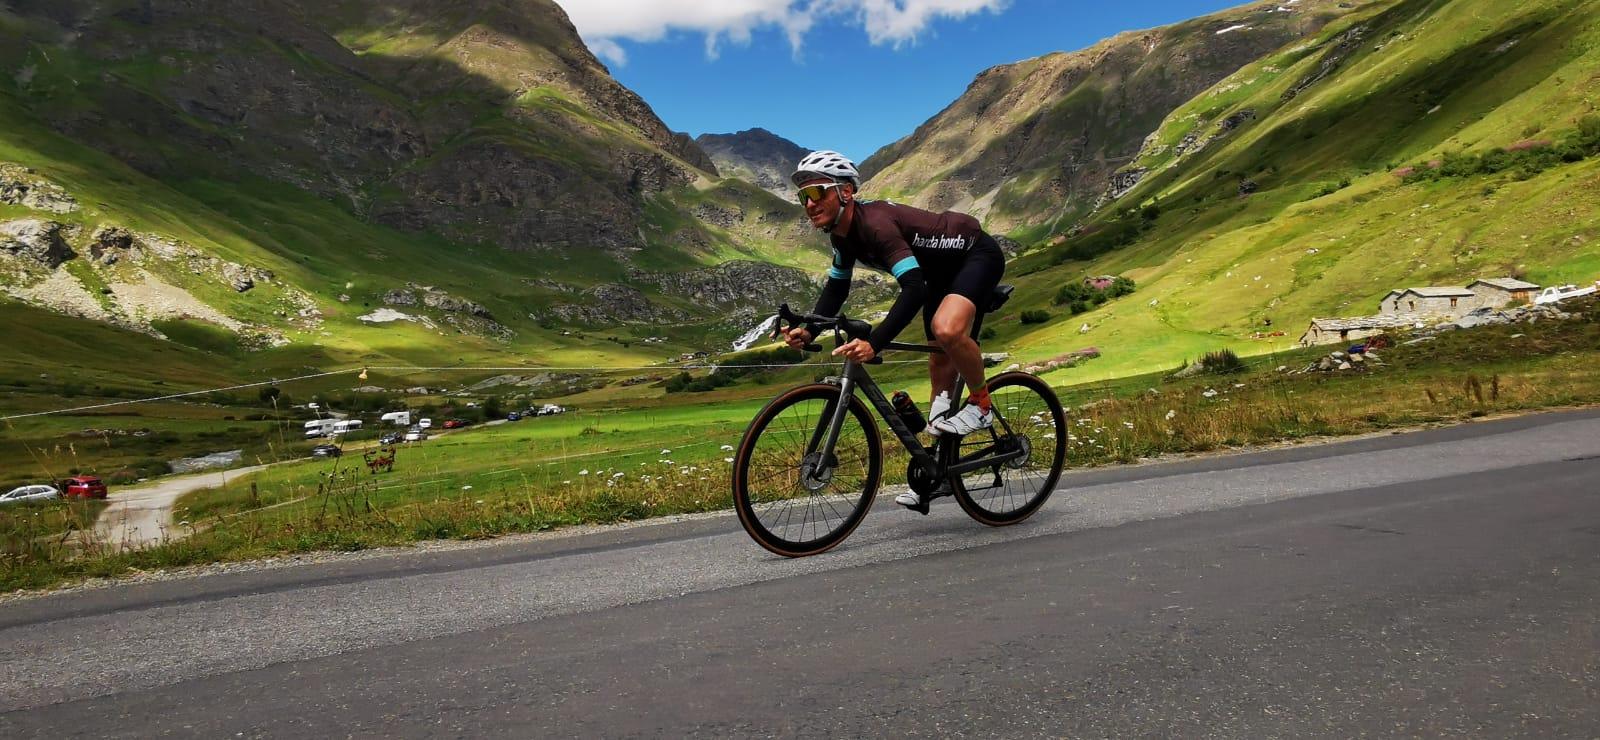 Francuskie Wakacje czyli śladami Tour de France